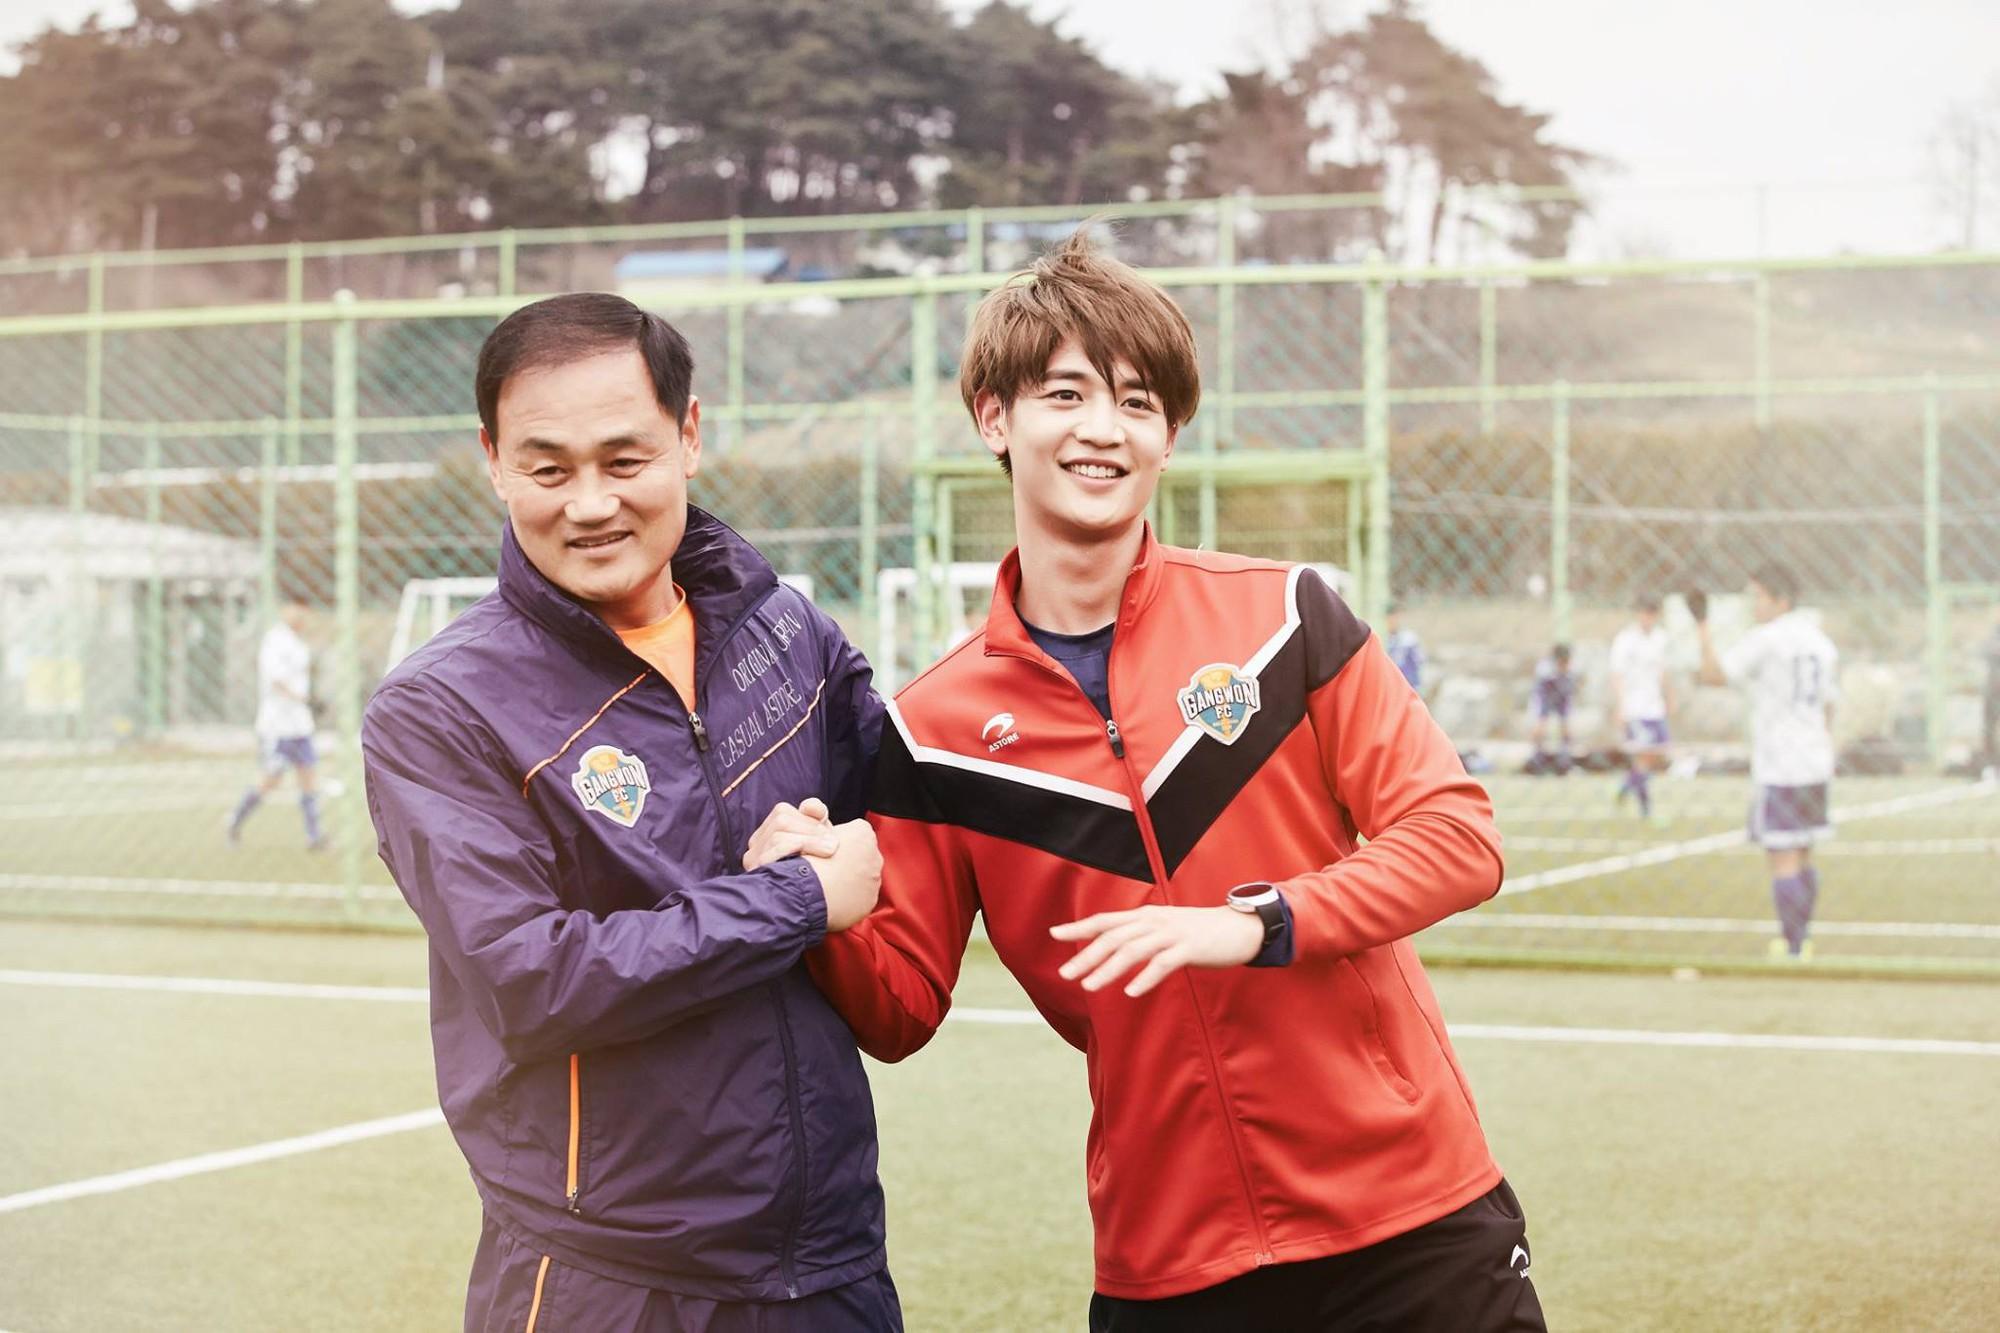 Thì ra U23 Việt Nam cùng có chung sư phụ Park Hang Seo với 2 nam thần tượng đình đám này - Ảnh 6.